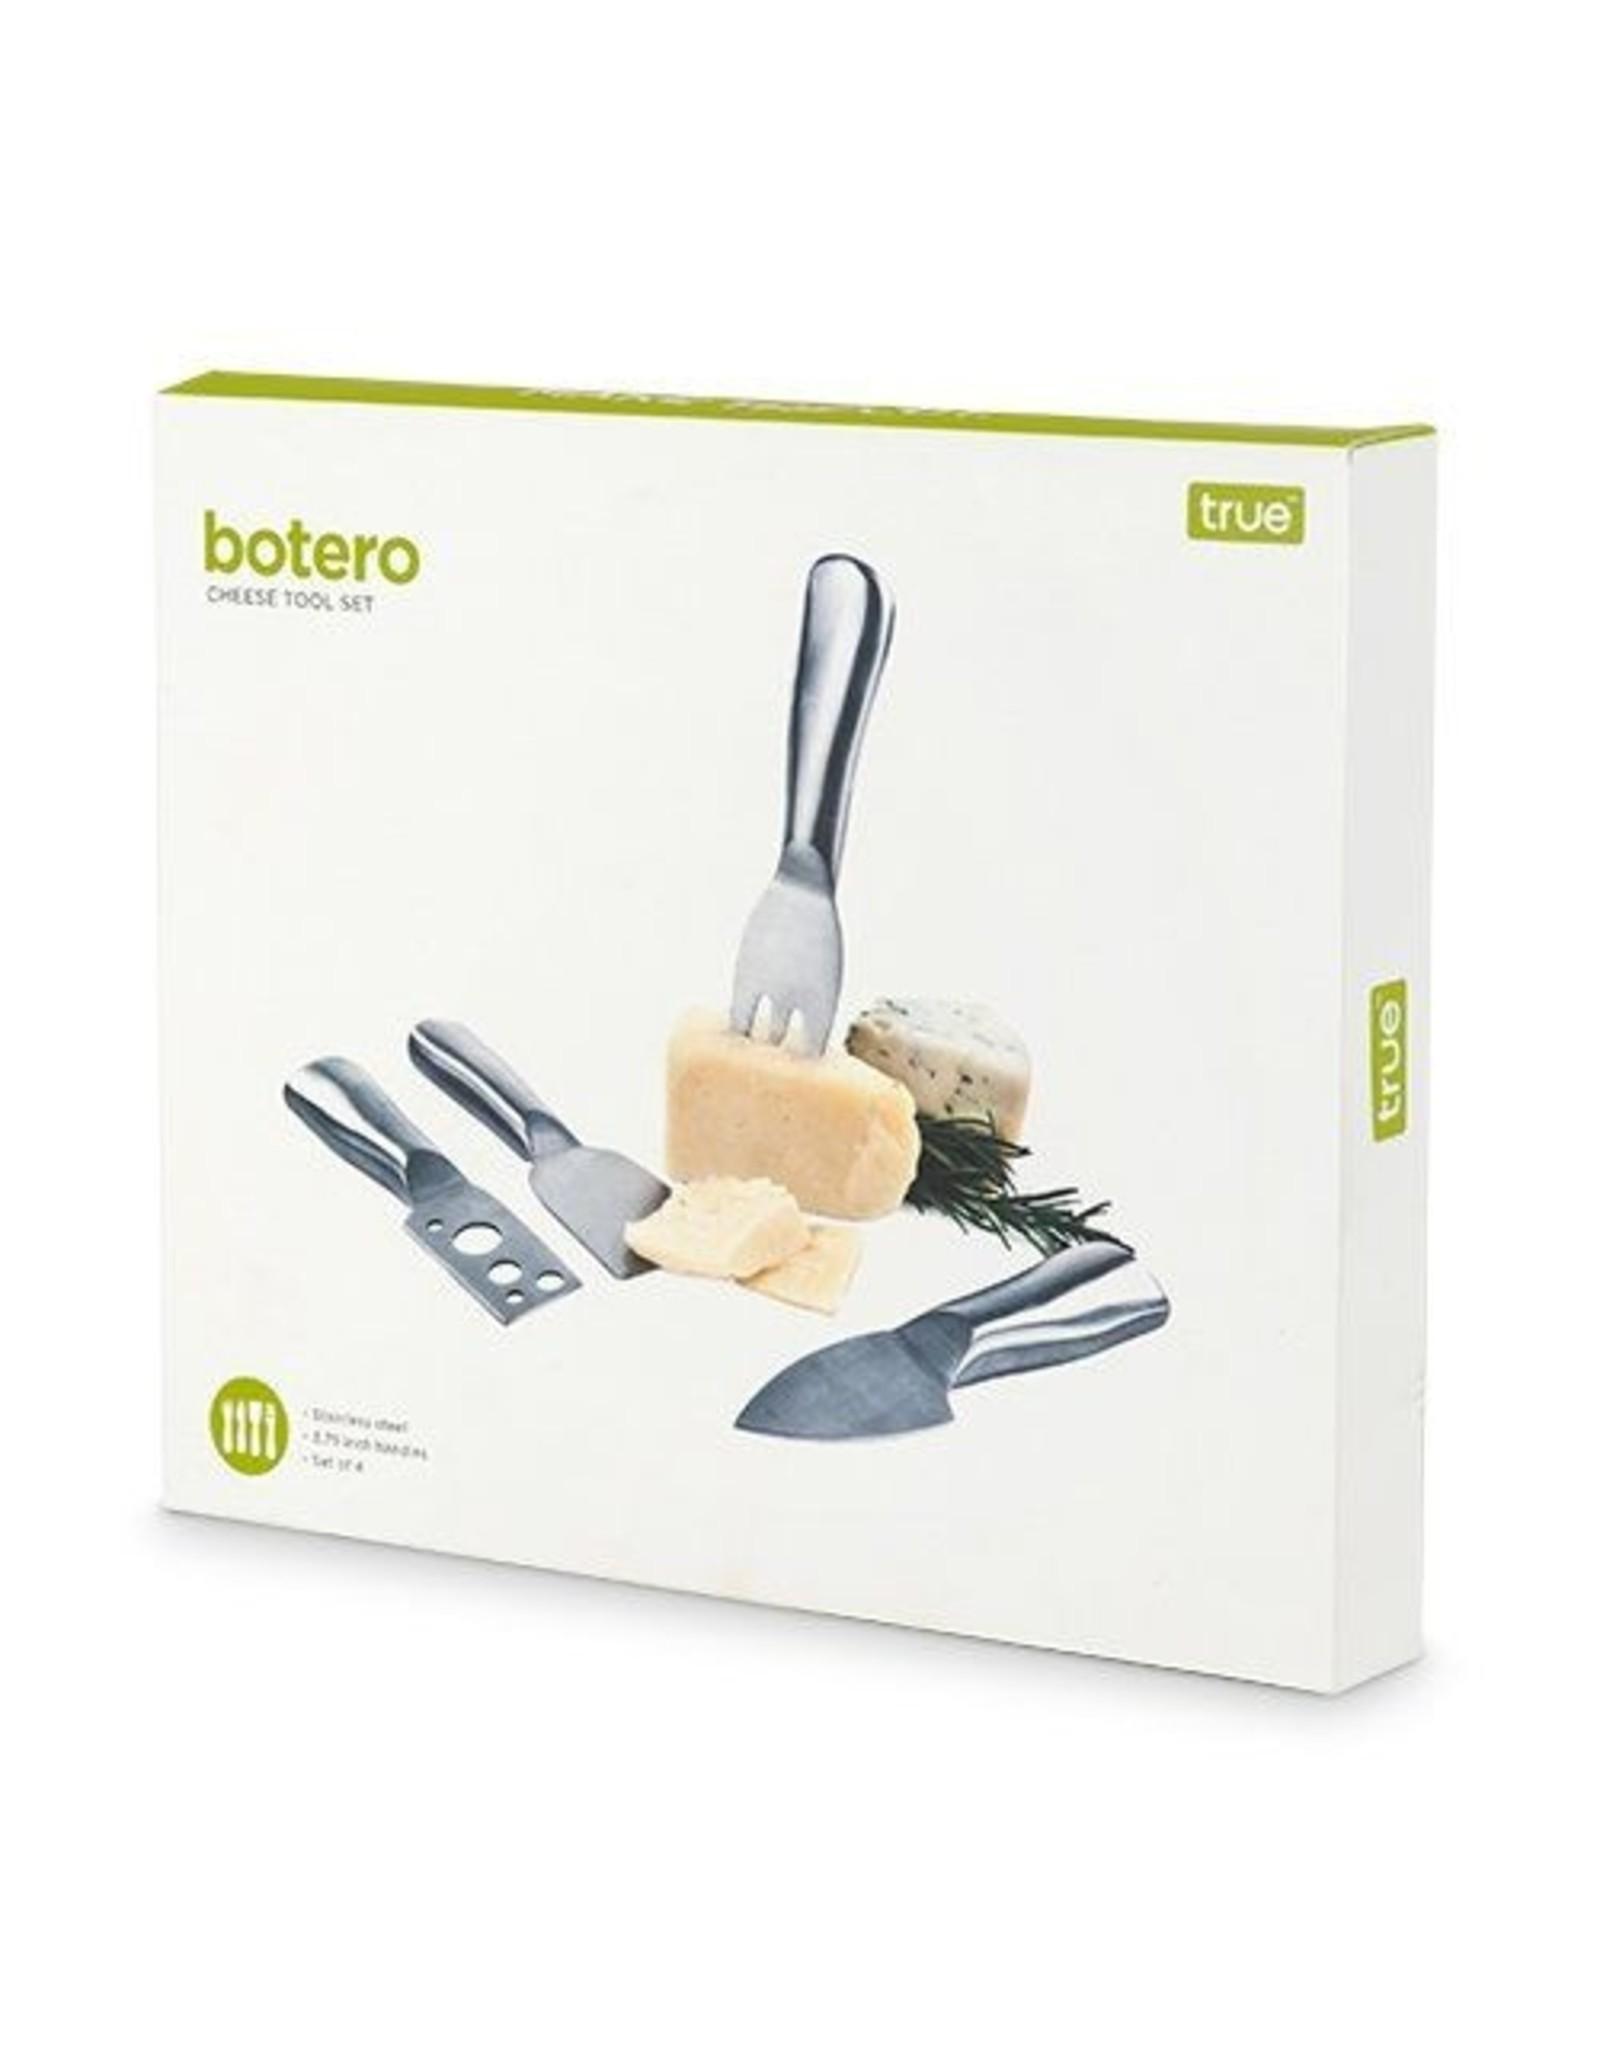 TRB Botero: Cheese Tool Set